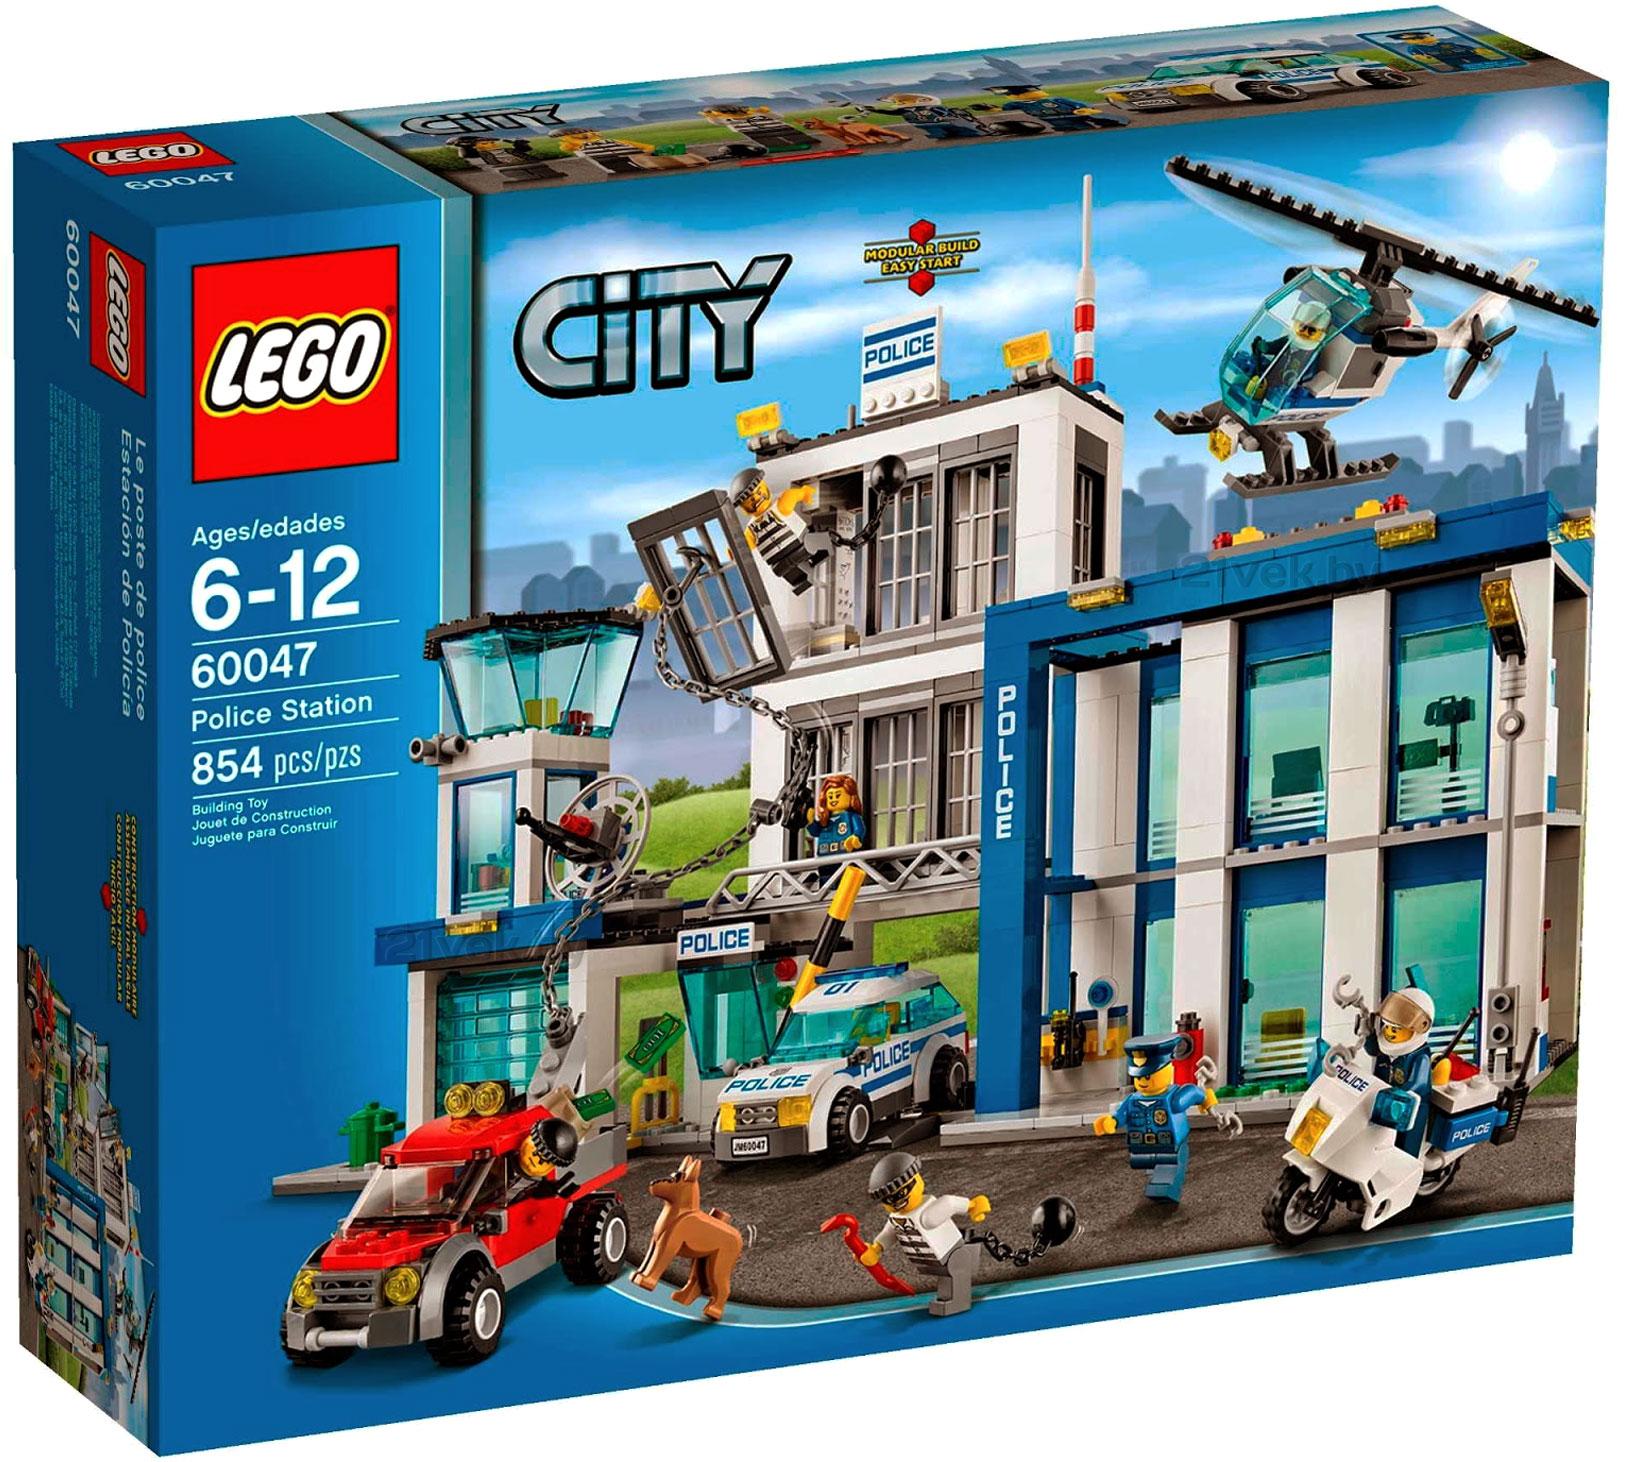 City Полицейский участок (60047) 21vek.by 1605000.000